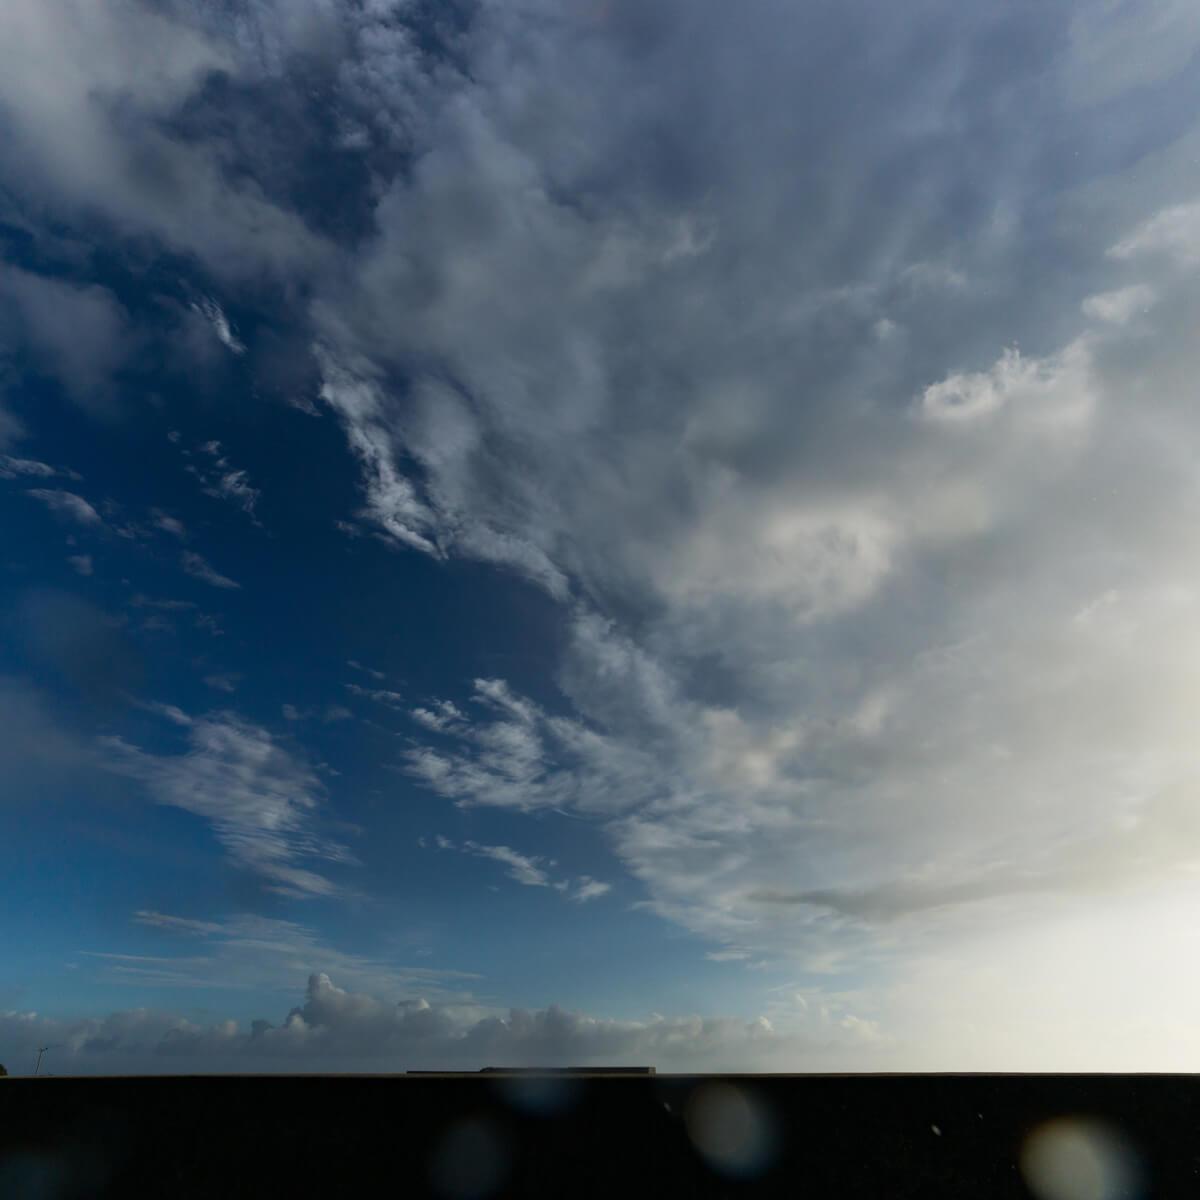 屋久島の海、空、雨上がり 屋久島海とジュエリー オーダーメイドジュエリーのモチーフ